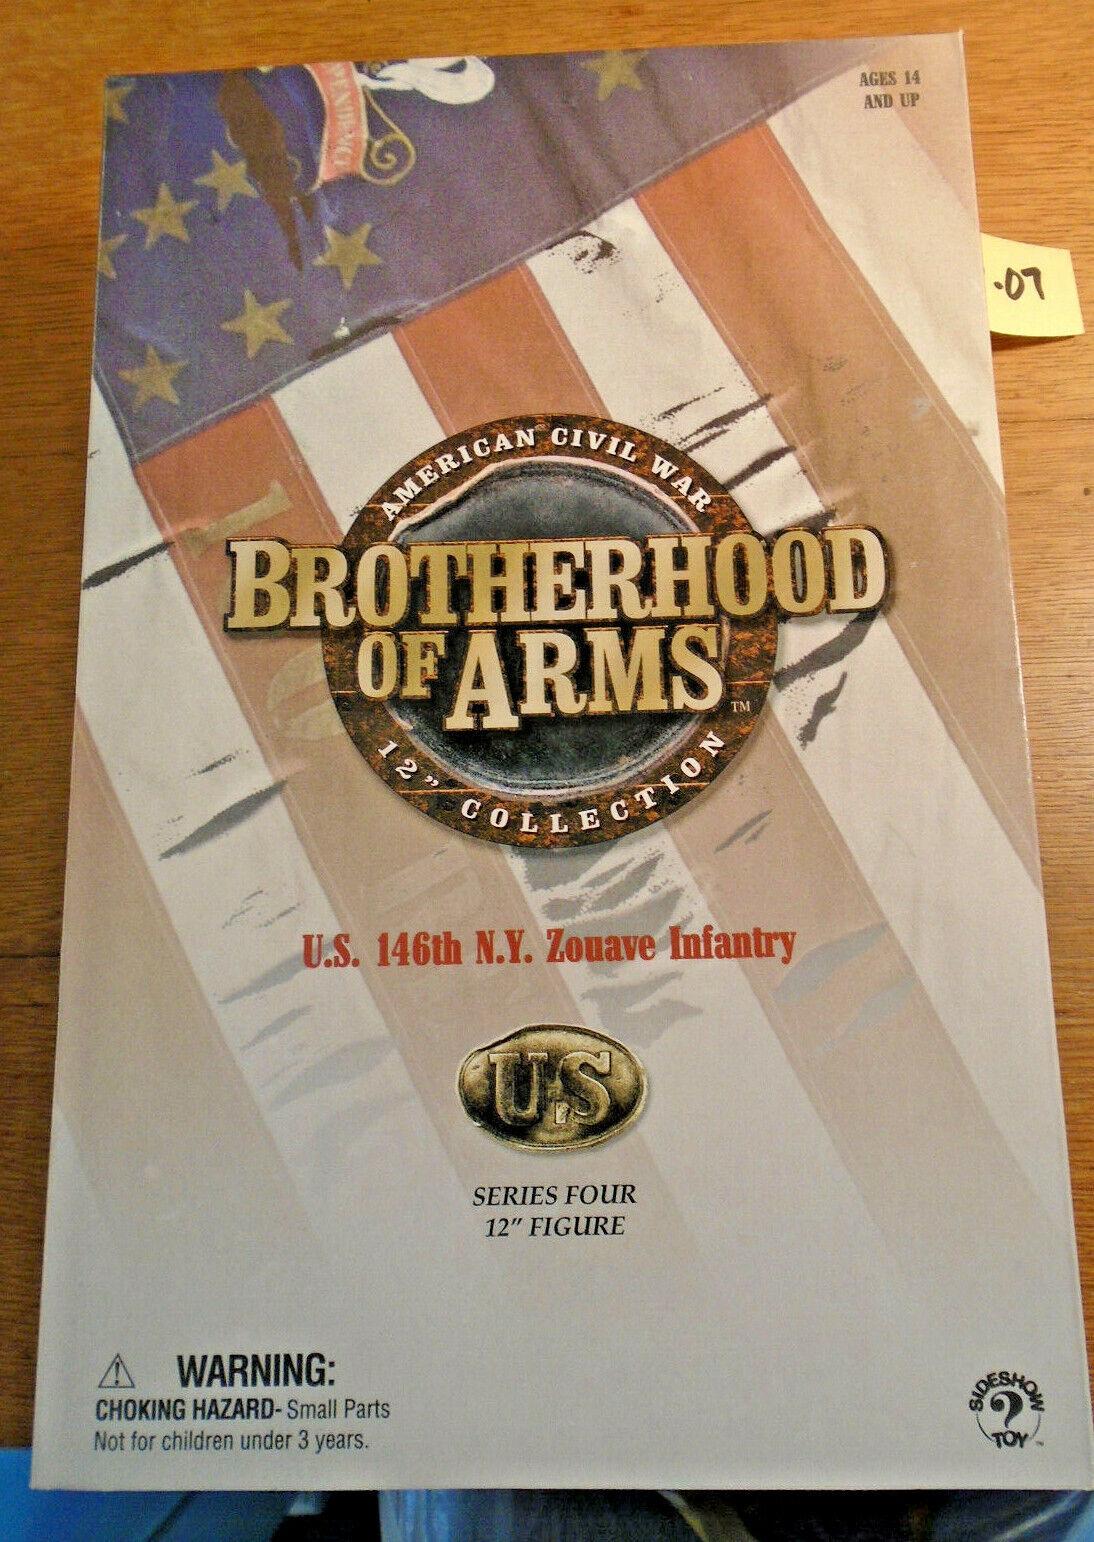 2003 Hermandad de armas de EE. UU. 146TH N. Y. zonave Figura De Infantería - (209-07)